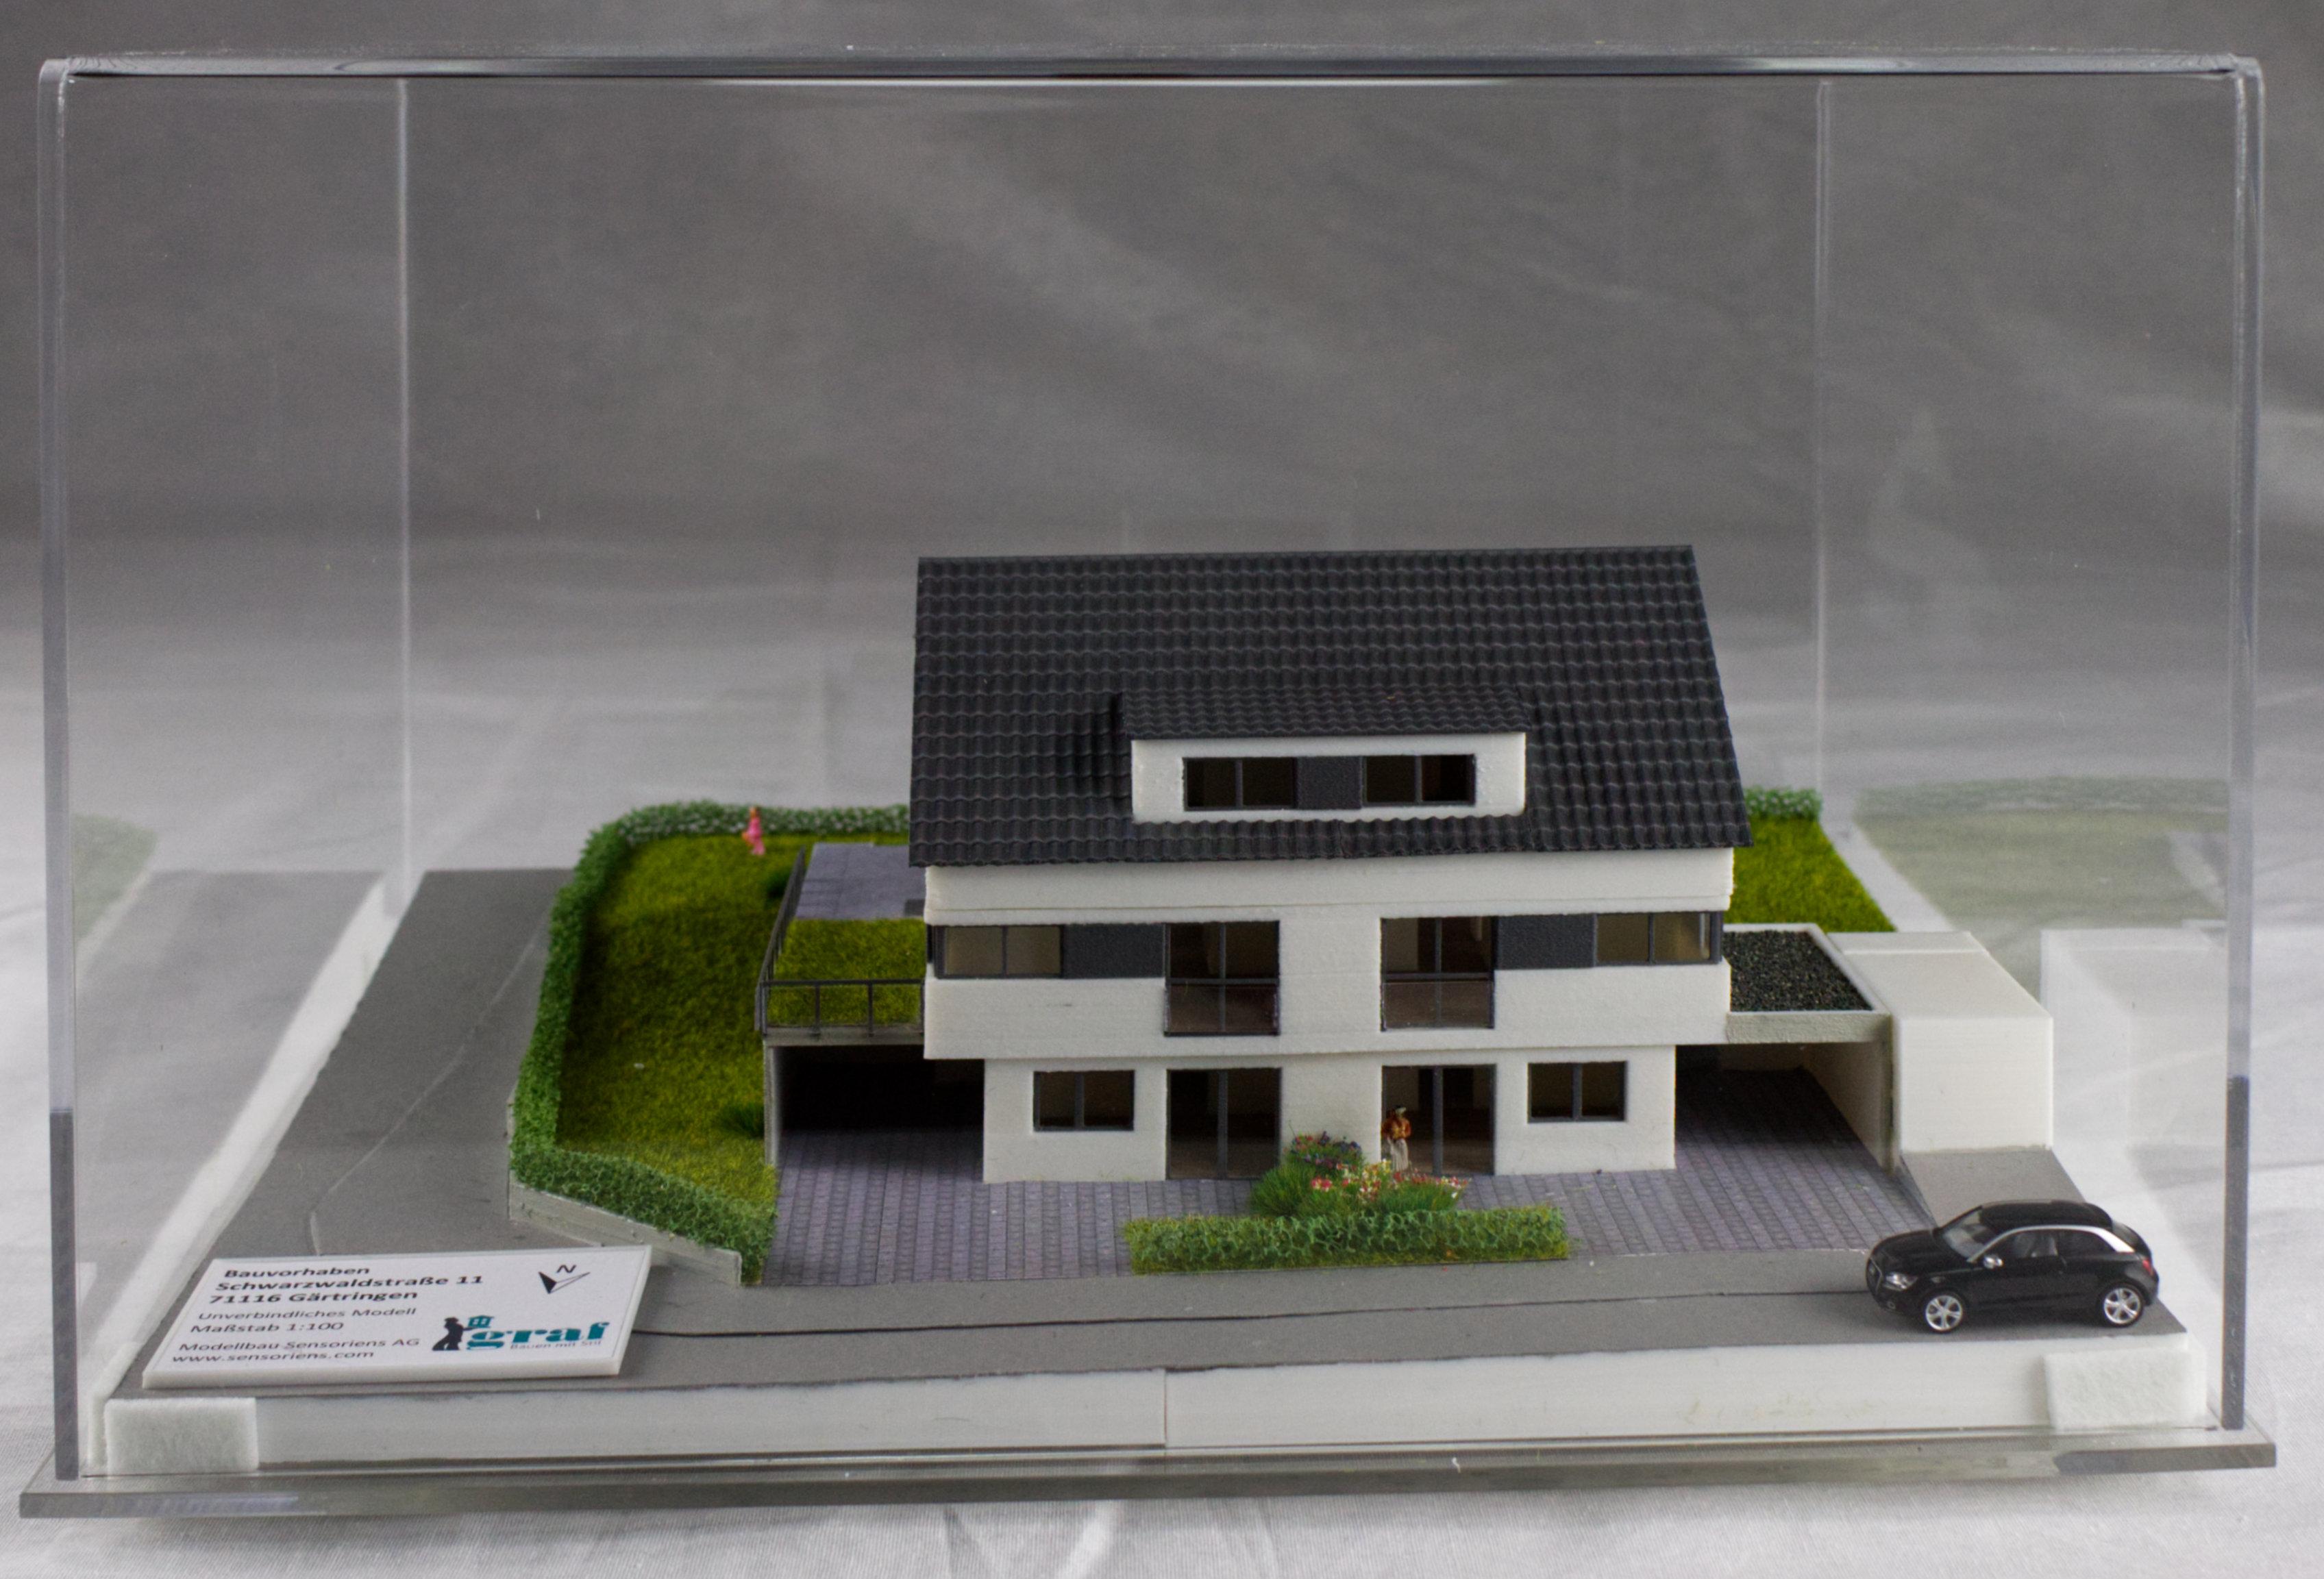 Graf Wohnbau 11